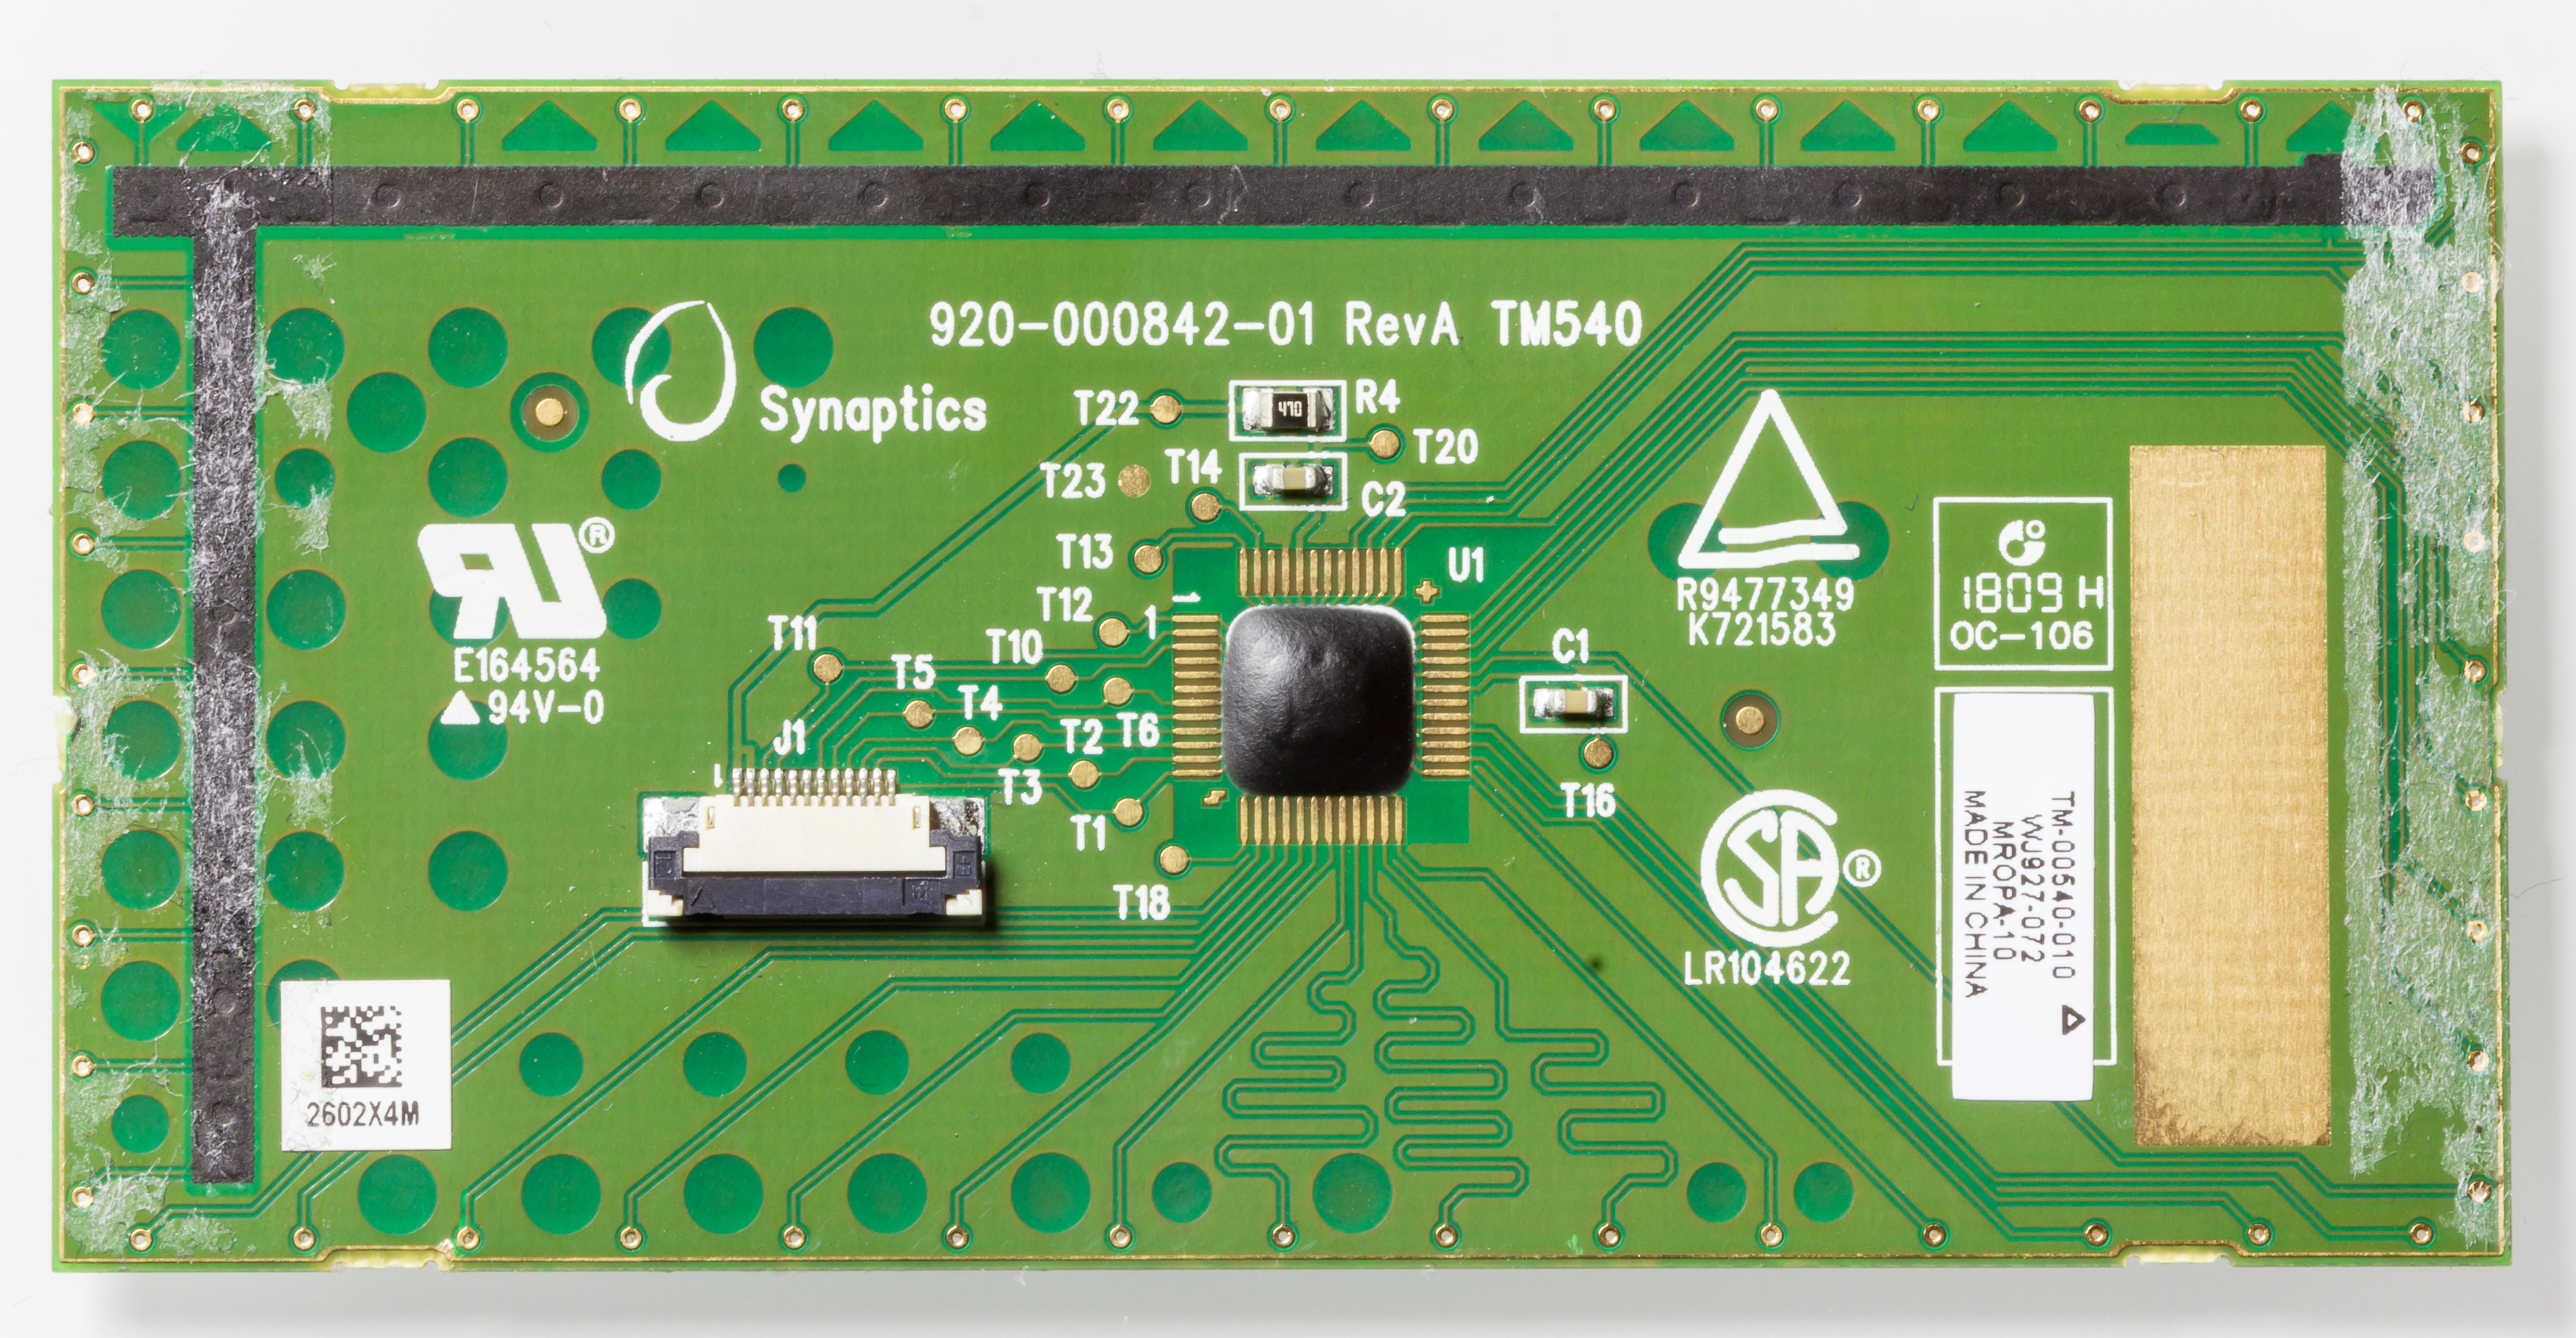 File:Synaptics touchpad 920-000842-01-3749 jpg - Wikimedia Commons